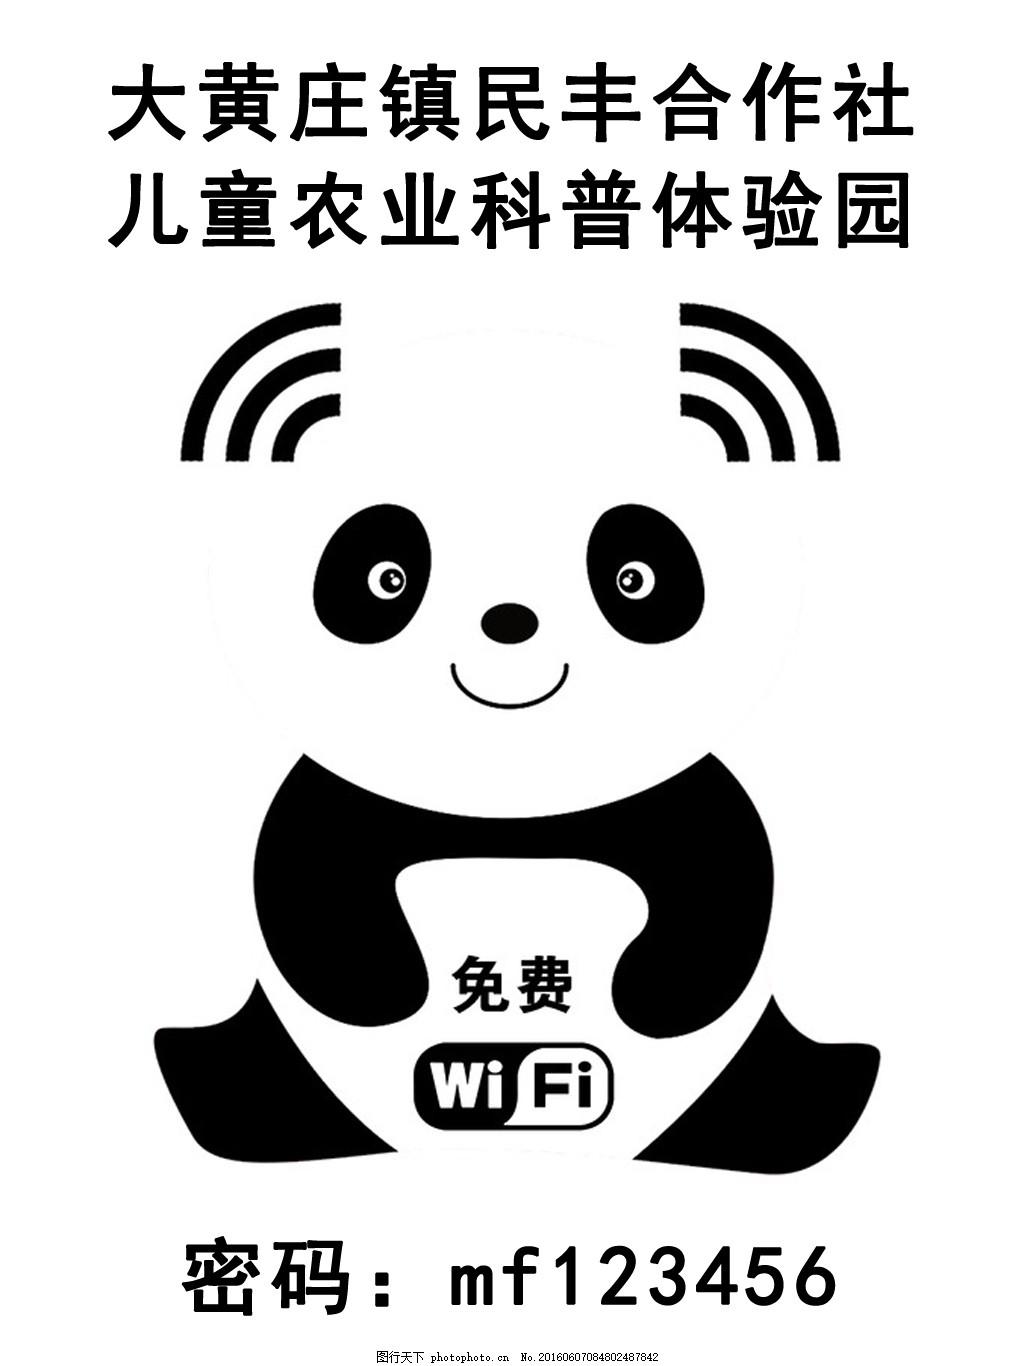 免费wifi卡通熊猫标识 矢量 可爱 无线网示意图